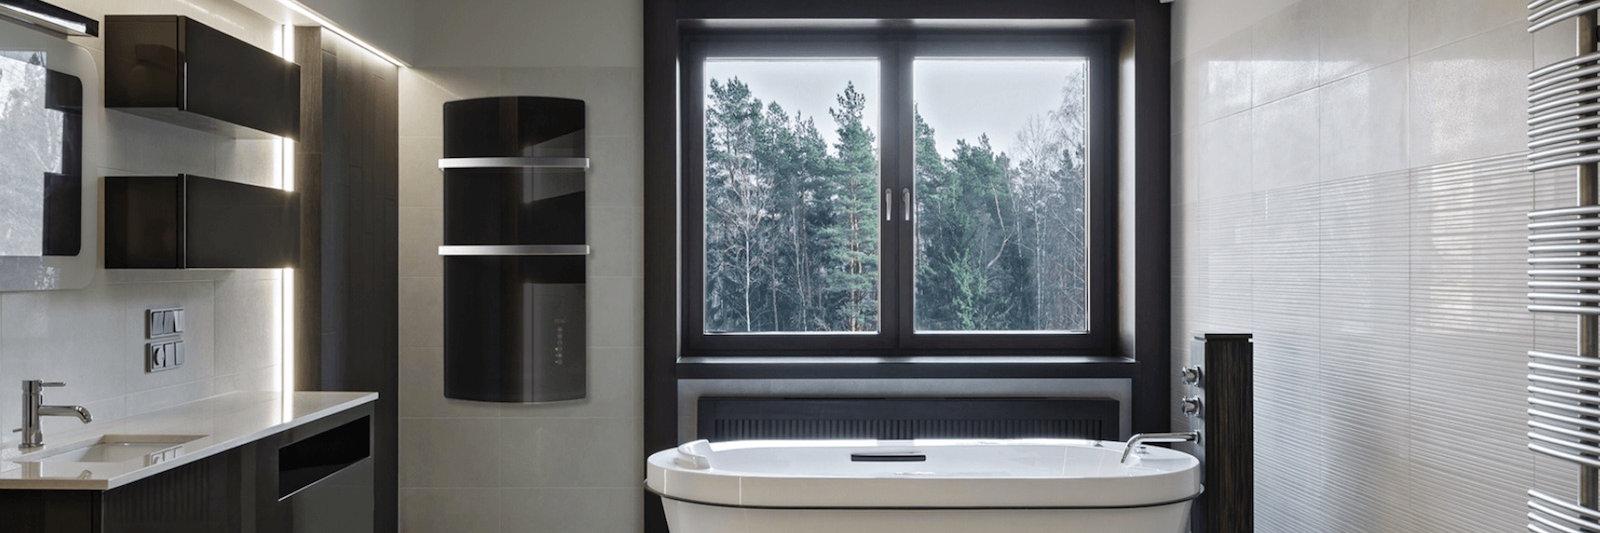 Elektrische Infrarot Badheizung